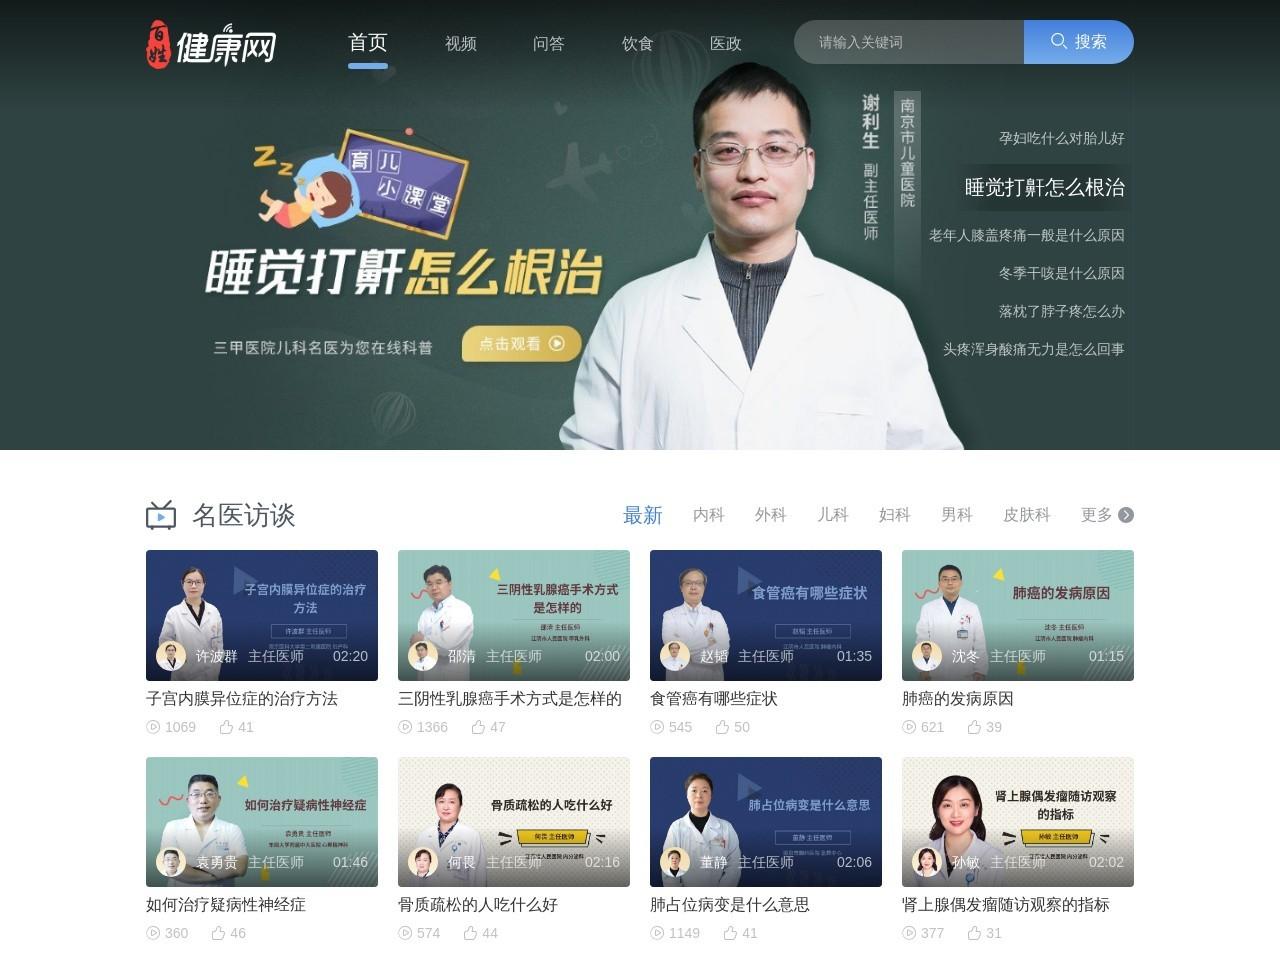 百姓健康网_权威的医疗健康门户_关注百姓健康